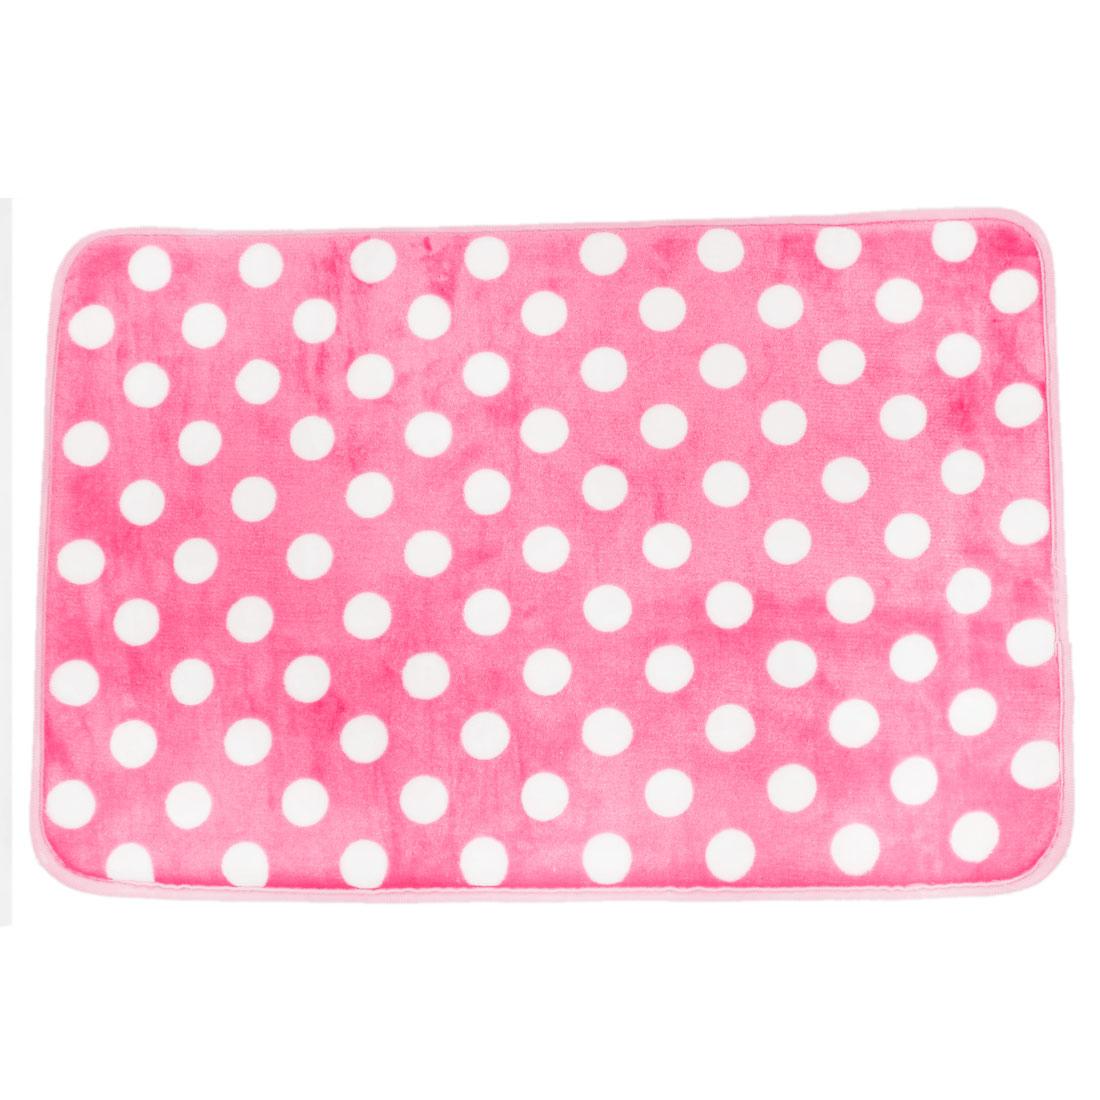 60cm x 40cm Pink Dots Pattern Nonslip Bedroom Floor Mat Area Rug Carpet